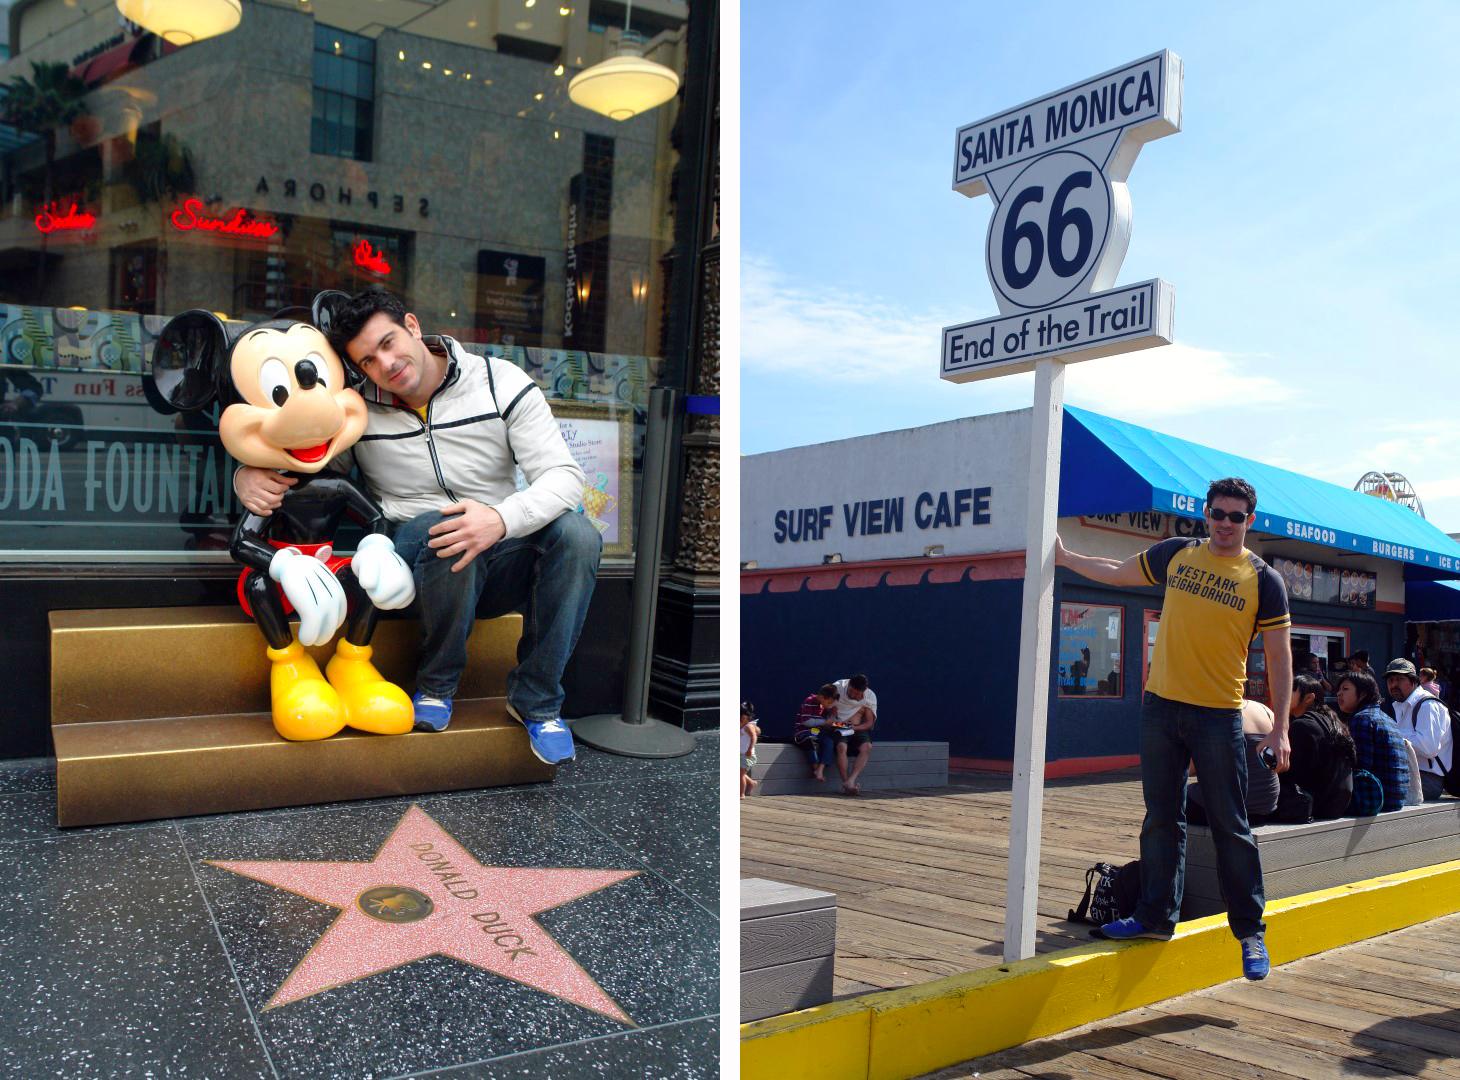 Qué hacer y ver en Los Angeles los angeles - 31975898693 446382553f o - Qué hacer y ver en Los Angeles